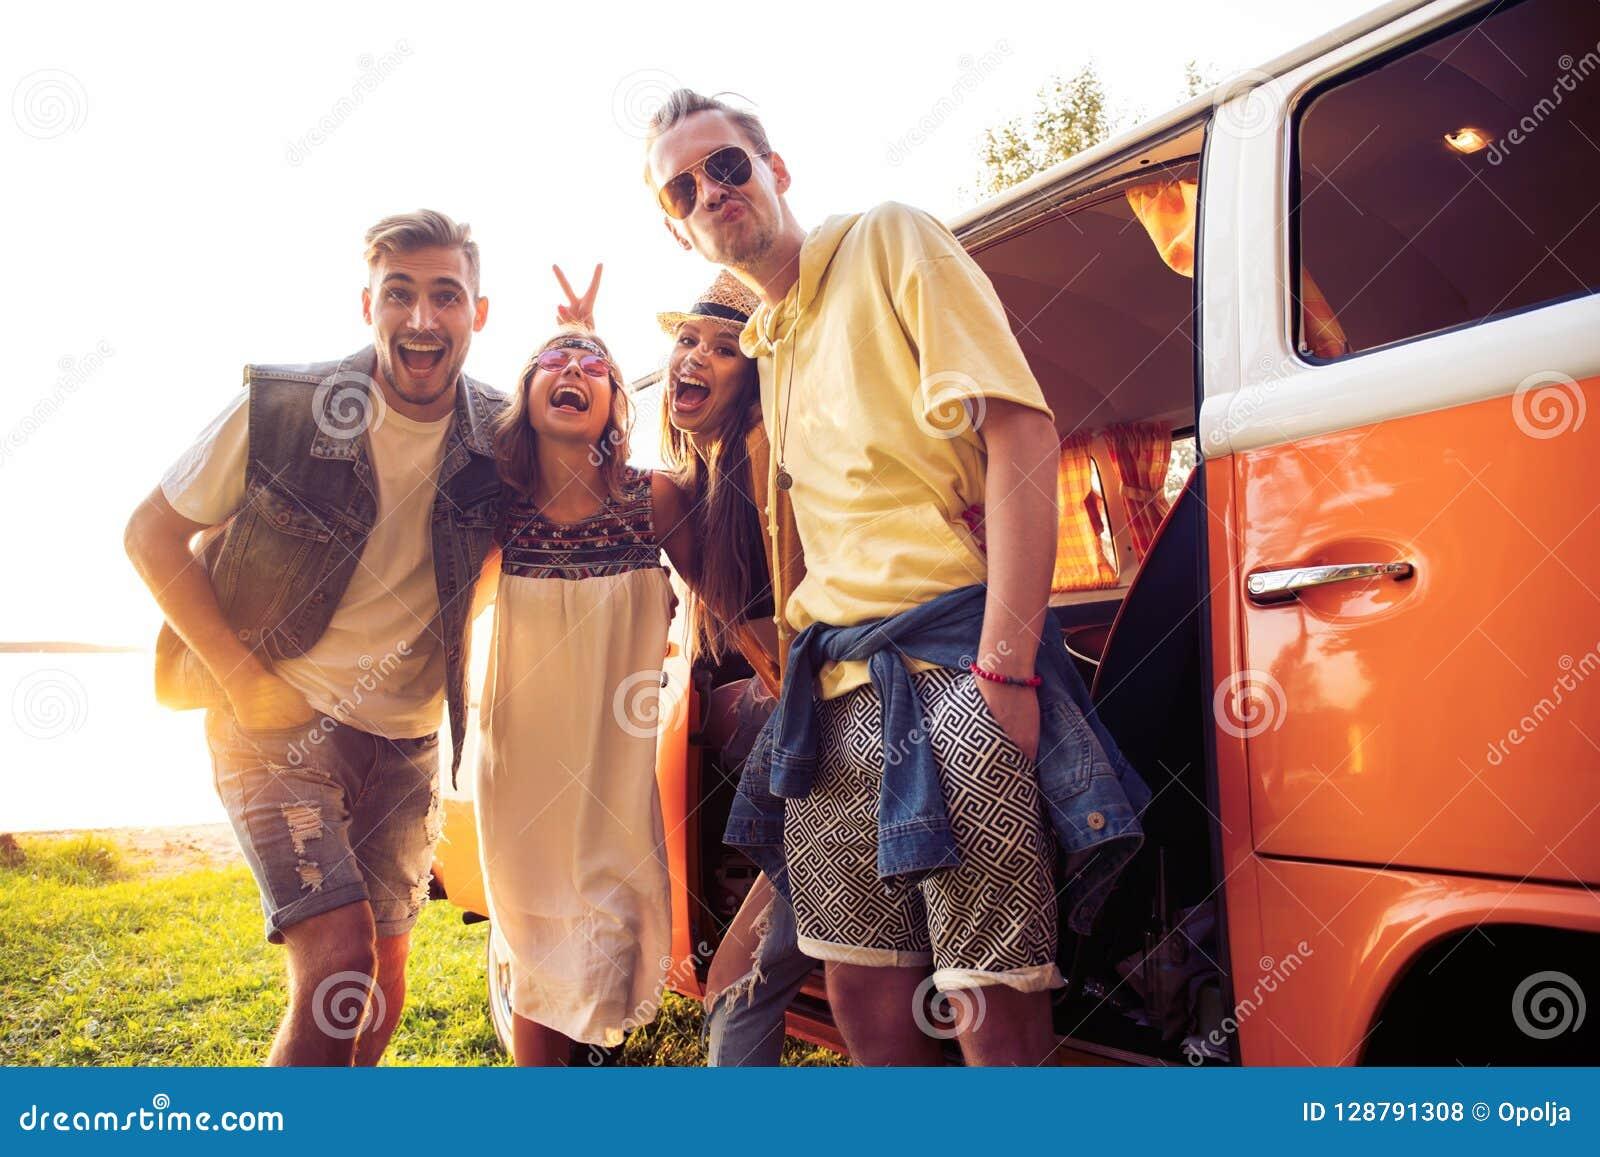 Sommerferien-, Autoreise-, Ferien-, Reise- und Leutekonzept - lächelnde junge Hippiefreunde, die Spaß über Mehrzweckfahrzeug habe